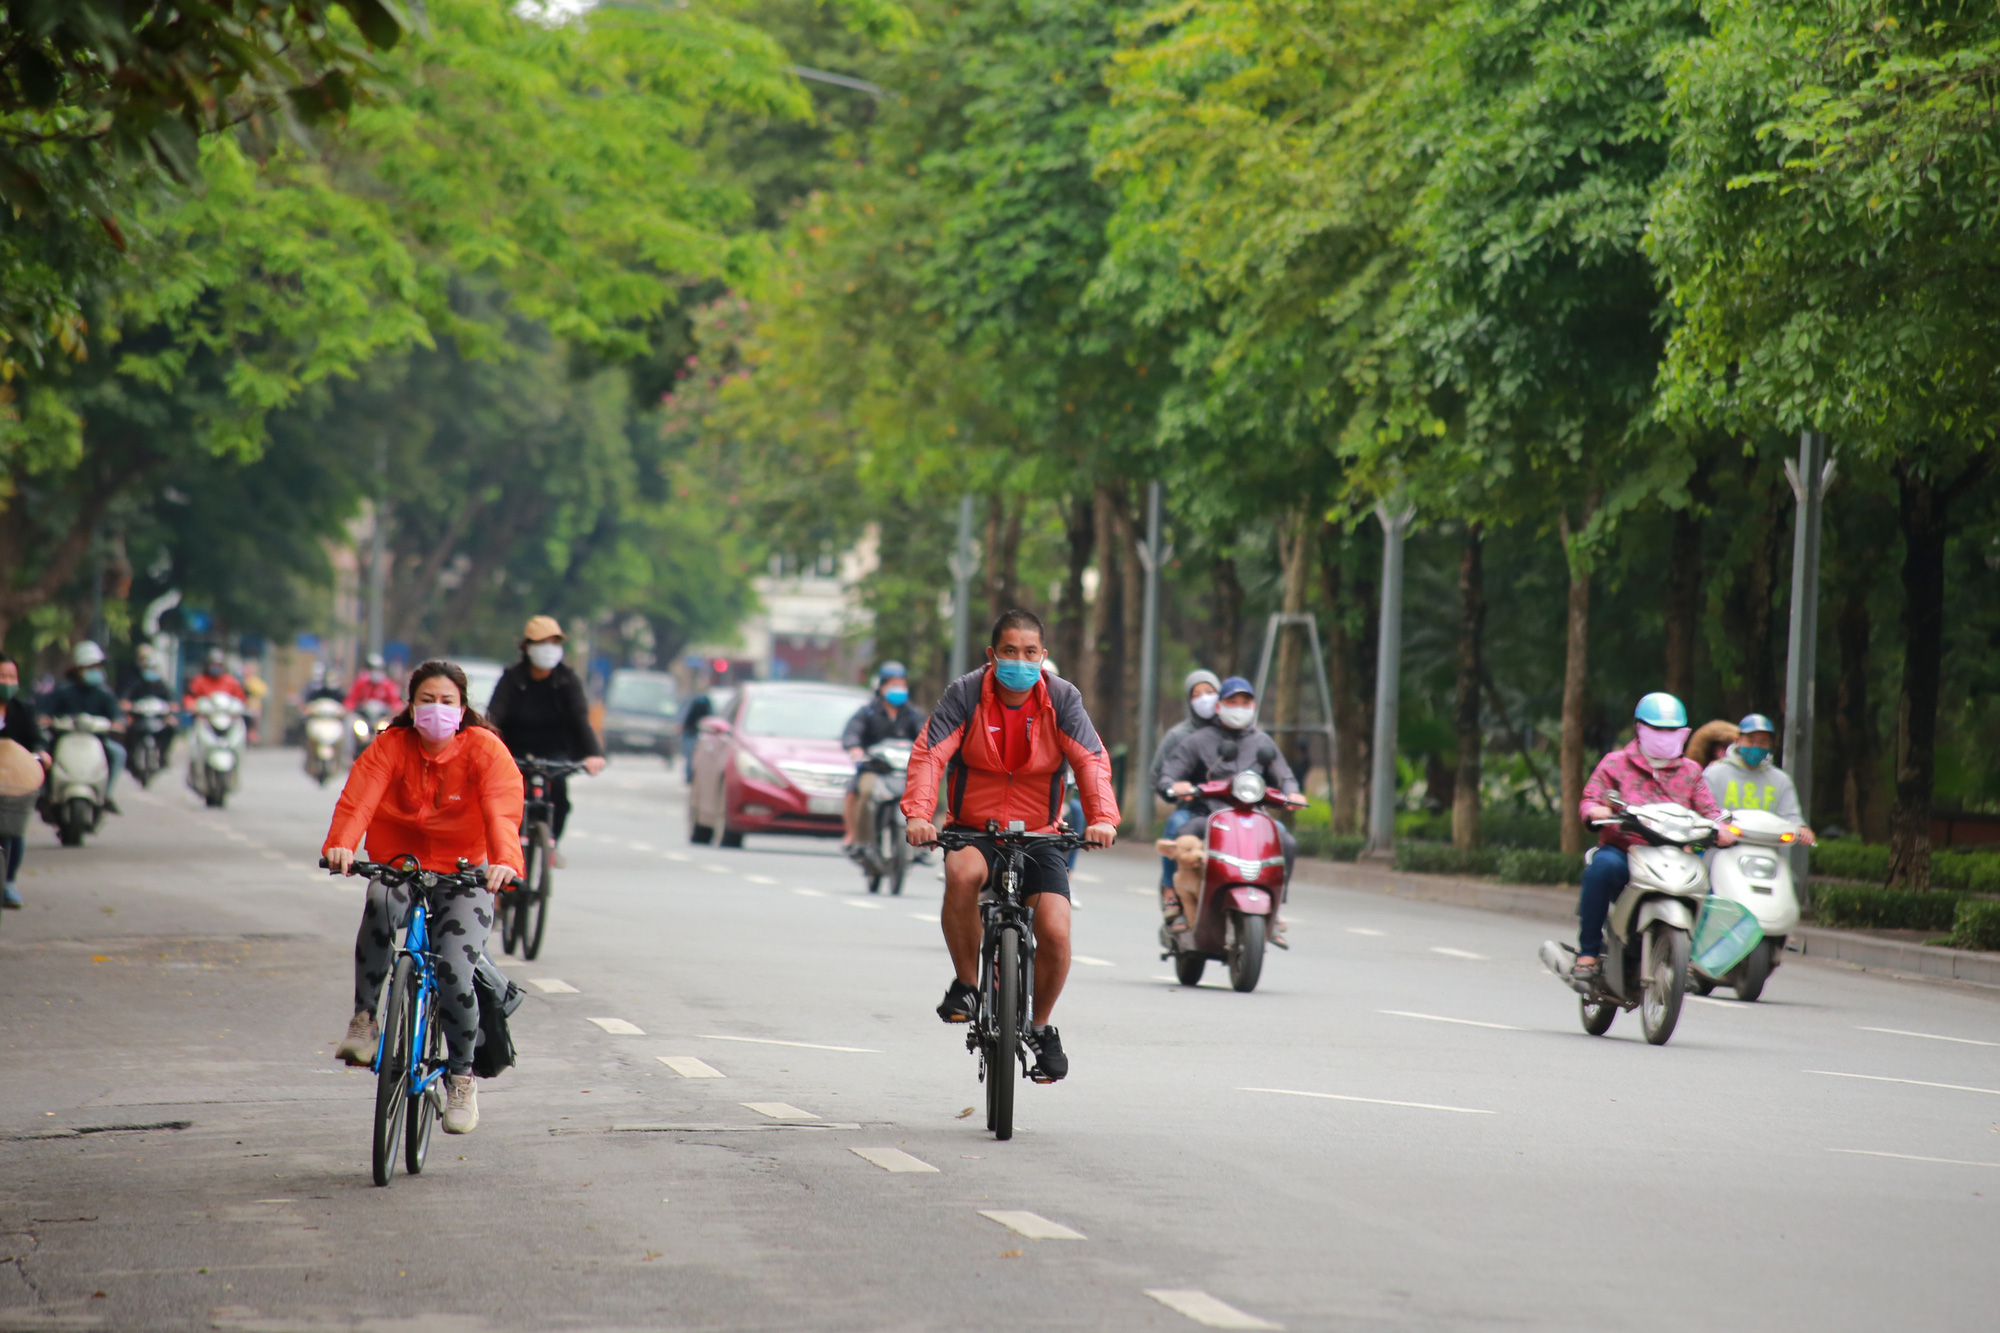 Hà Nội: Hàng trăm người dân đi tập thể dục bị nhắc nhở quay về nhà - Ảnh 12.